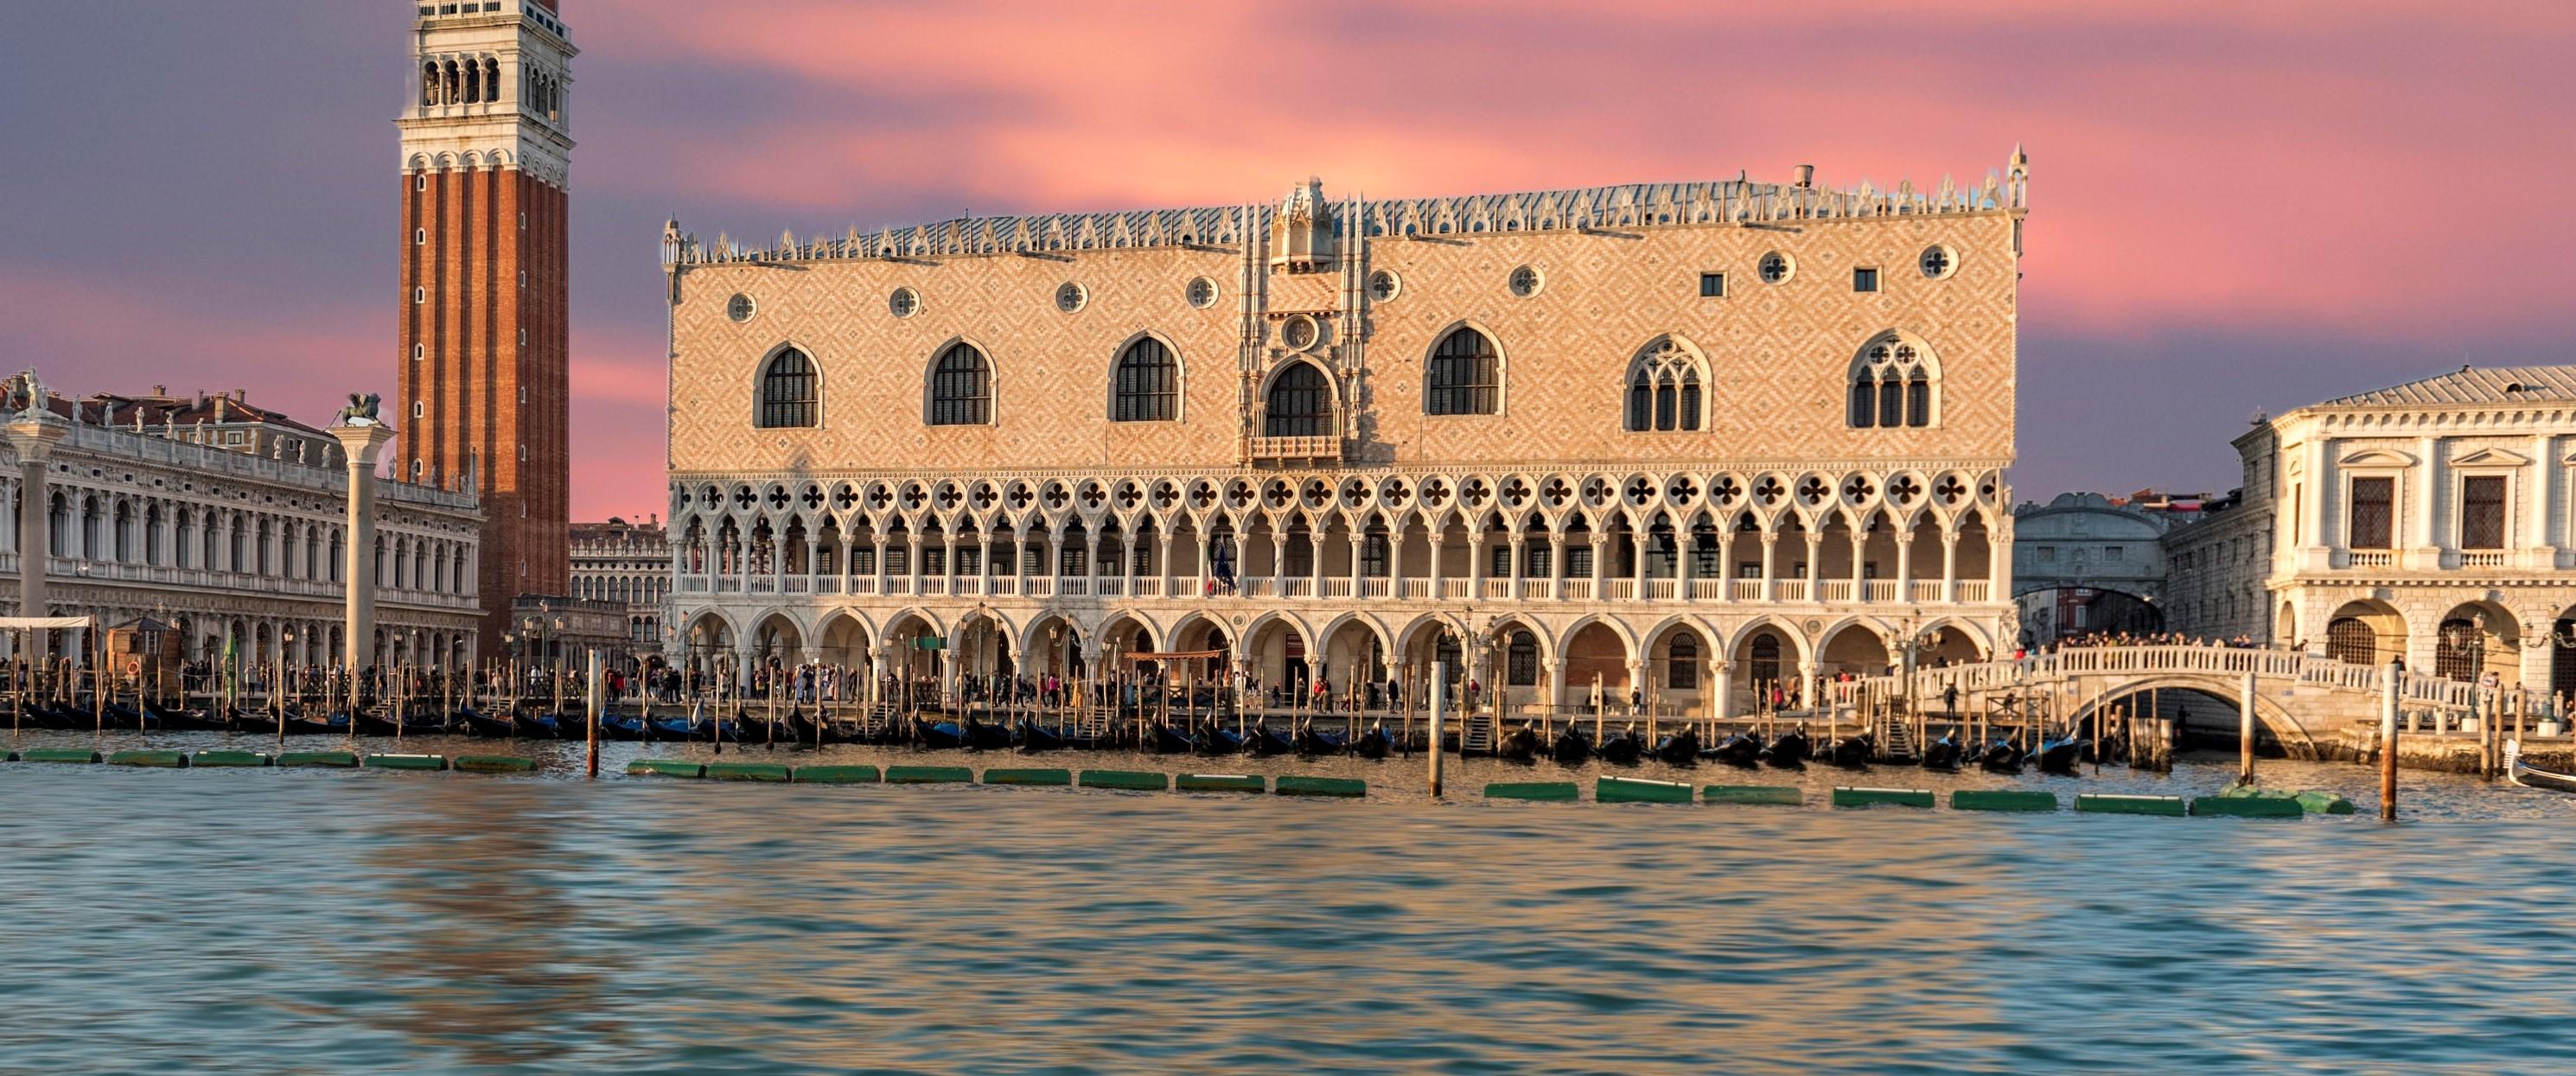 Vue extérieure du Palais des Doges à Venise